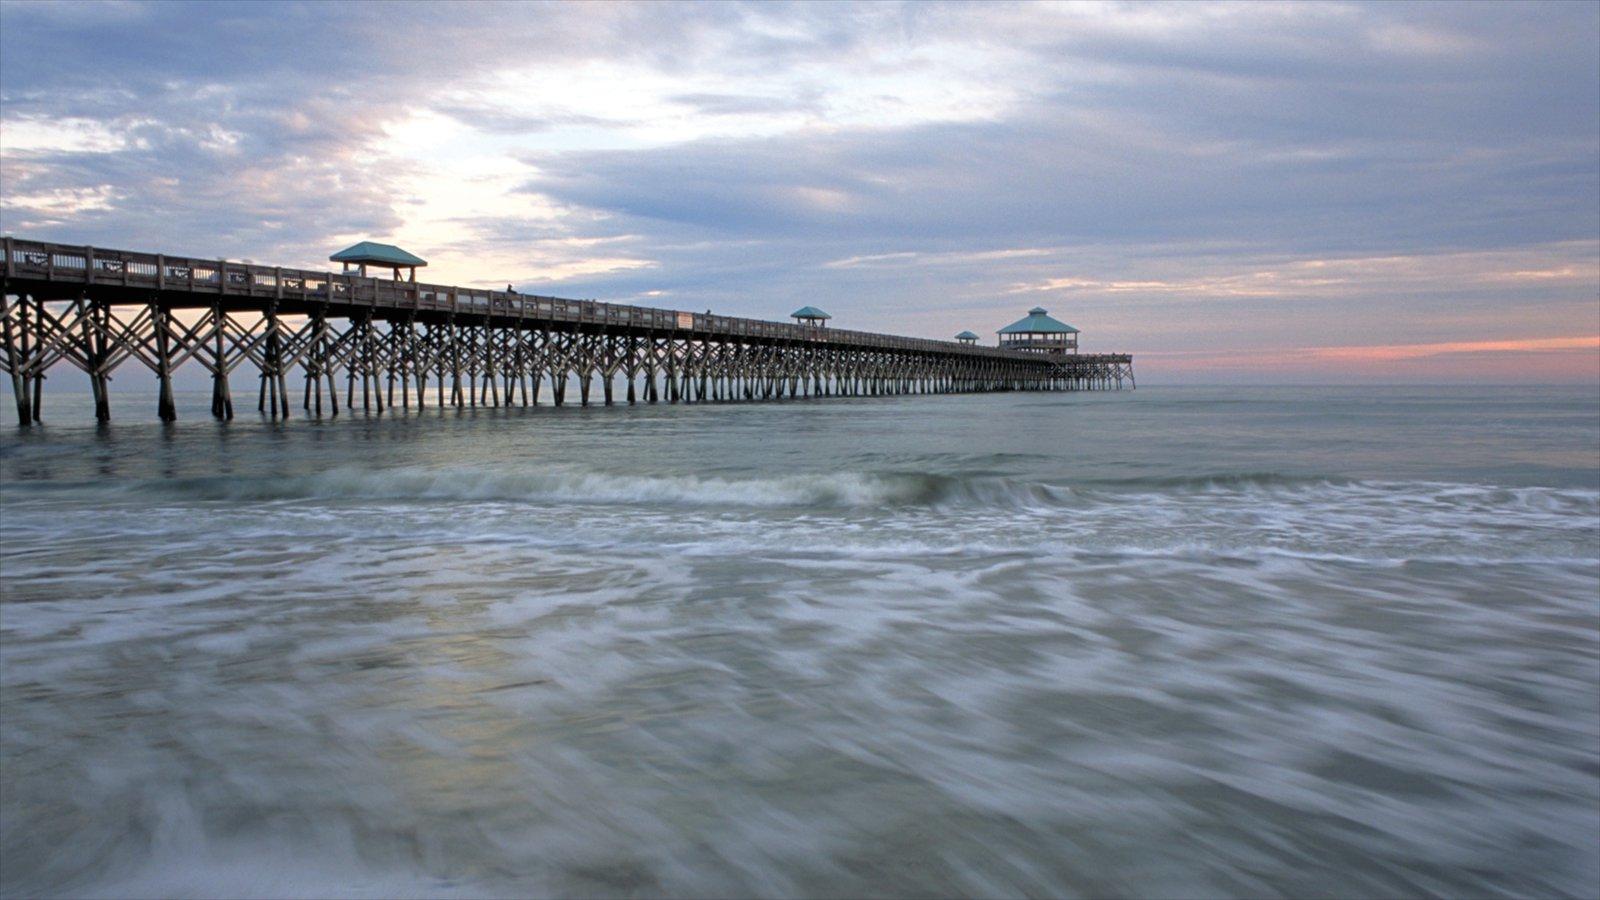 Folly Beach que inclui um pôr do sol, uma ponte e uma praia